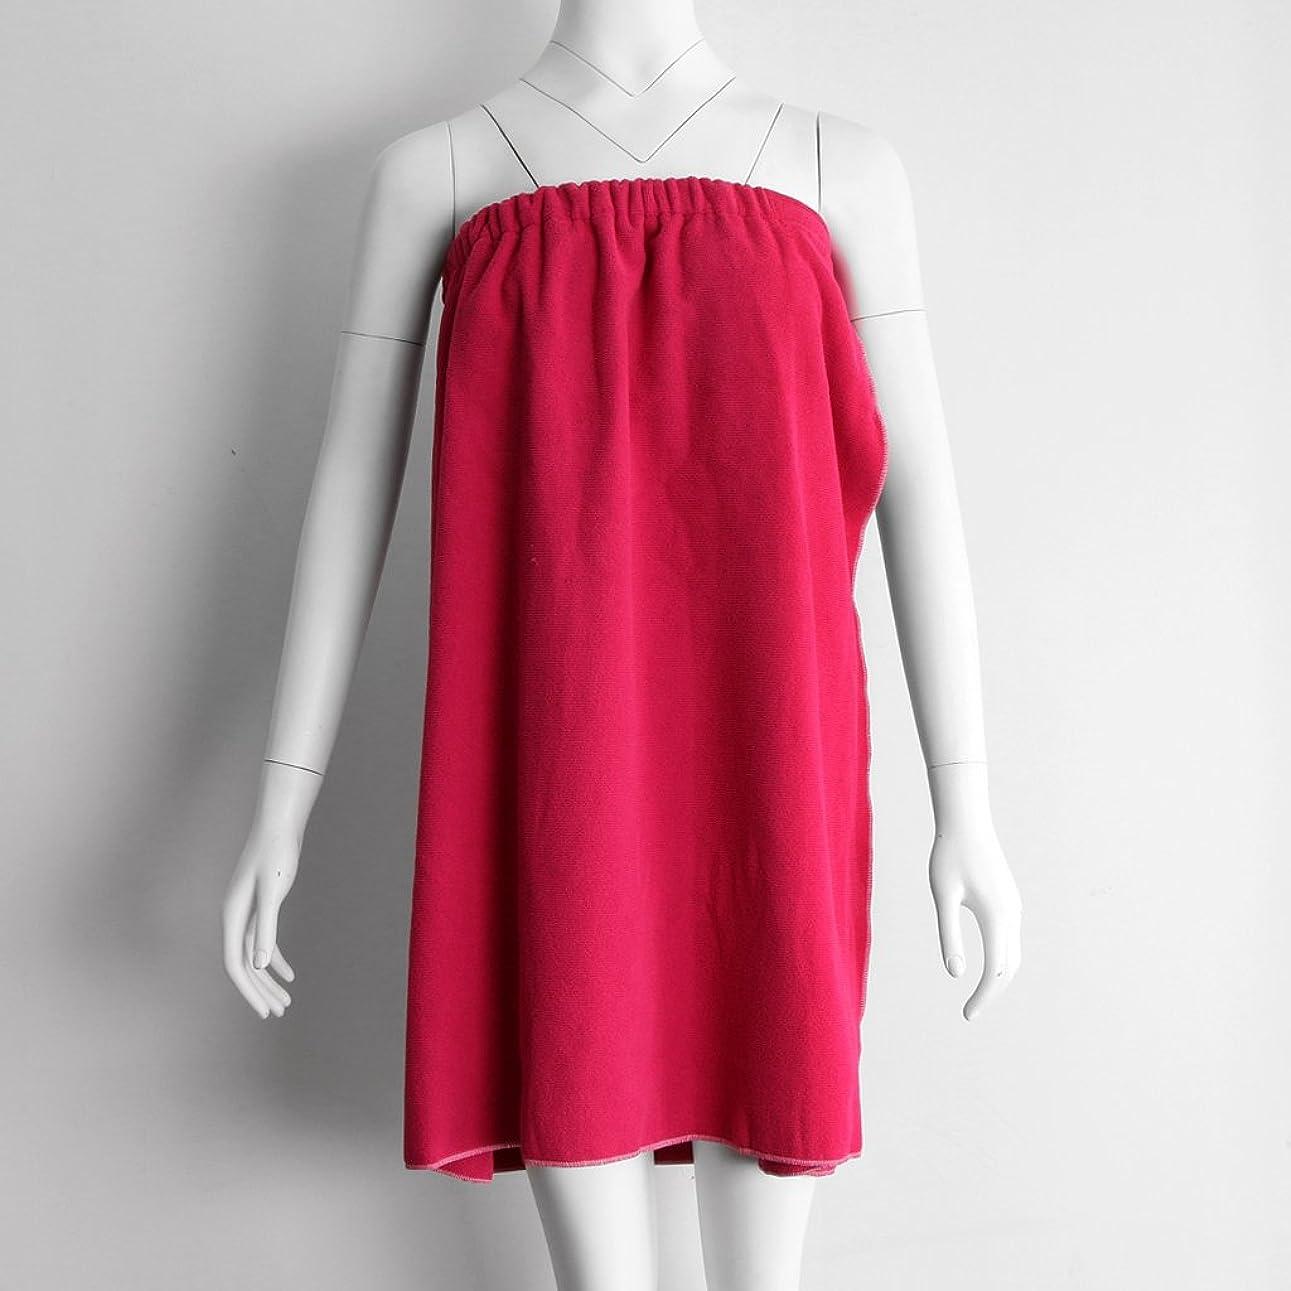 ミサイルクレジット書き込みタオルラップ バスタオル バススカート レディース シャワーラップ 約68×54cm 4色選べる - 赤